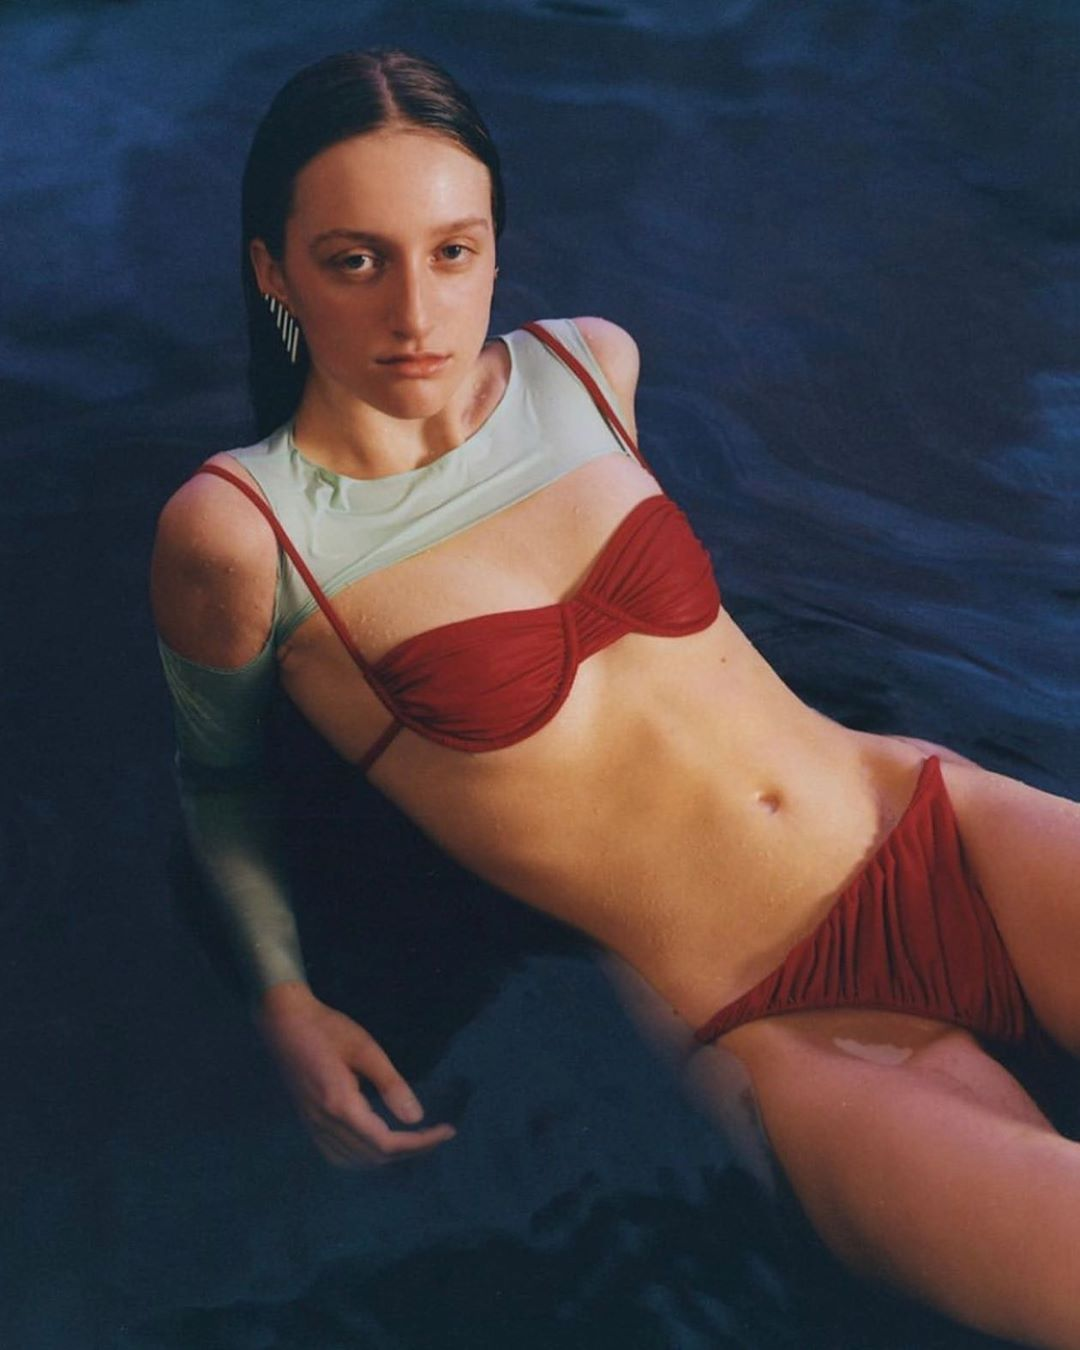 kiểu bikini đẹp nhún chun dây màu đỏ isa boulder